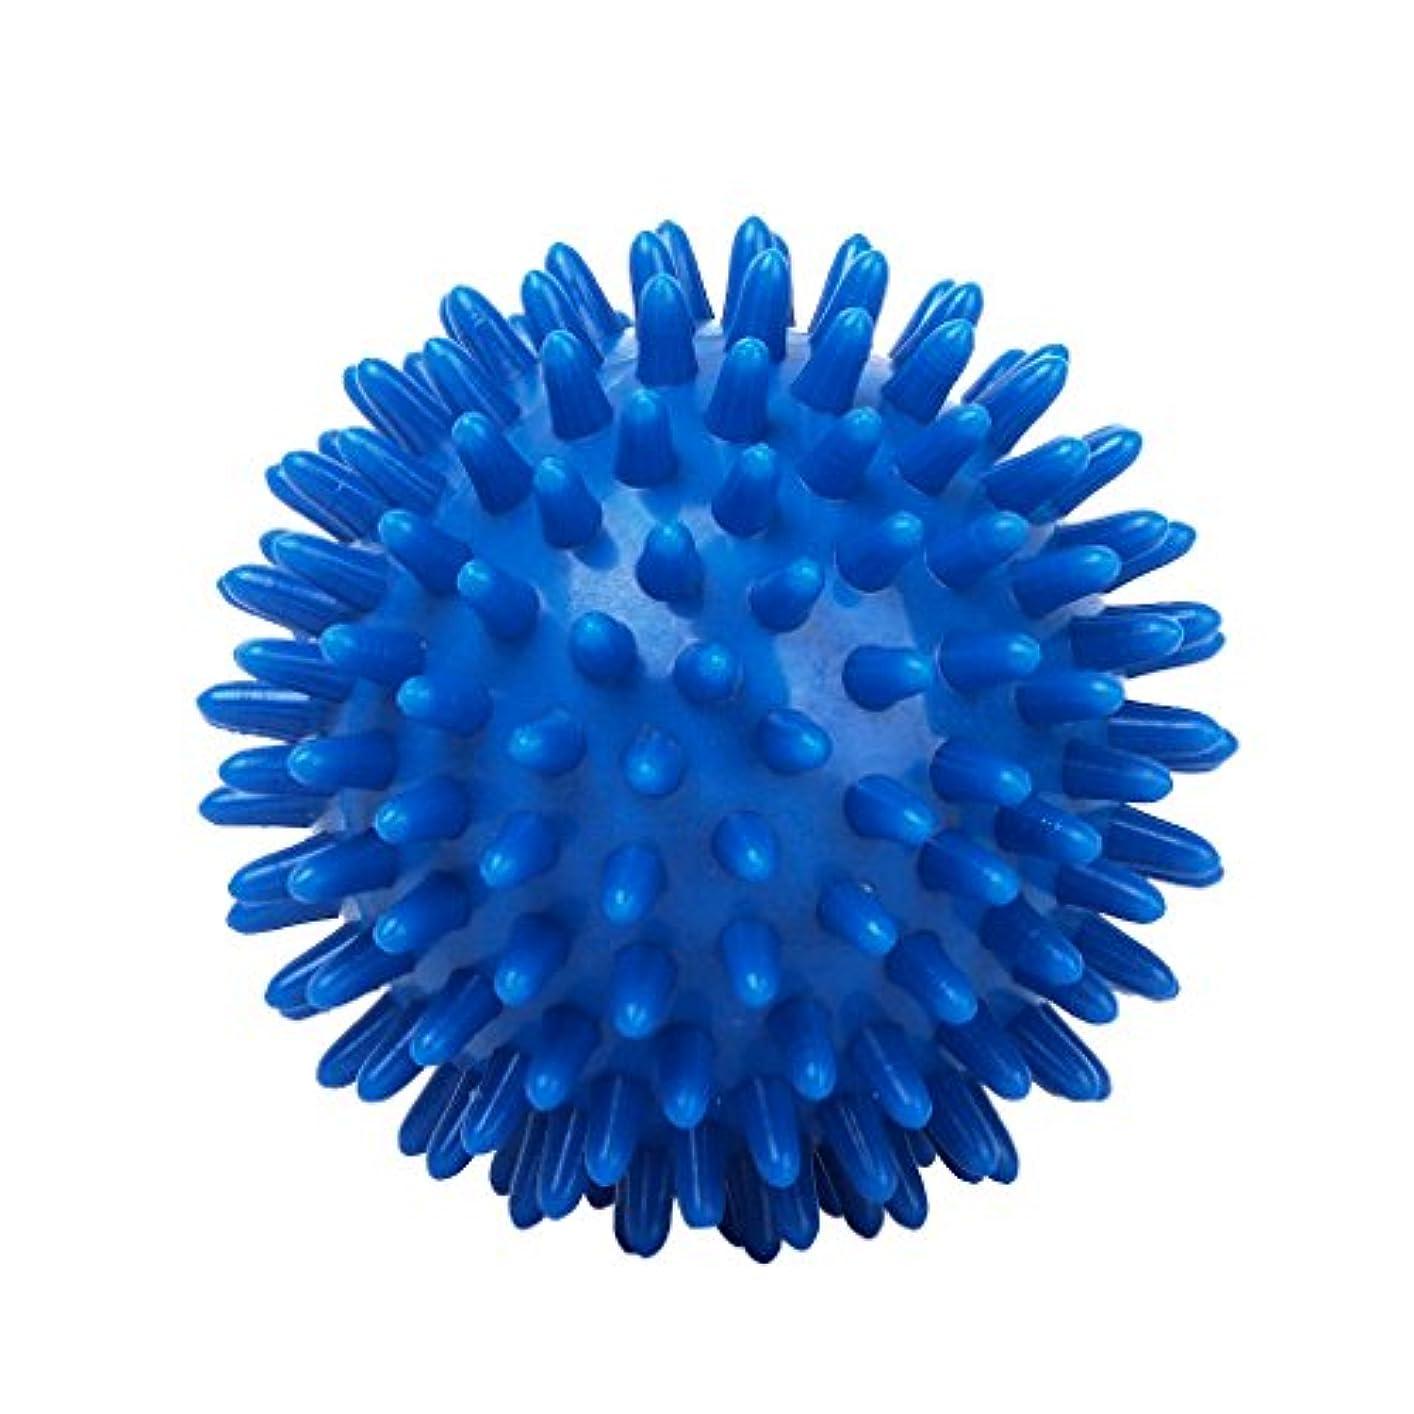 可能にする労苦高いFenteer 便利 小型 マッサージボール 足用 筋肉対応 高品質 8cm マッサージ ボール PVC製 ブルー